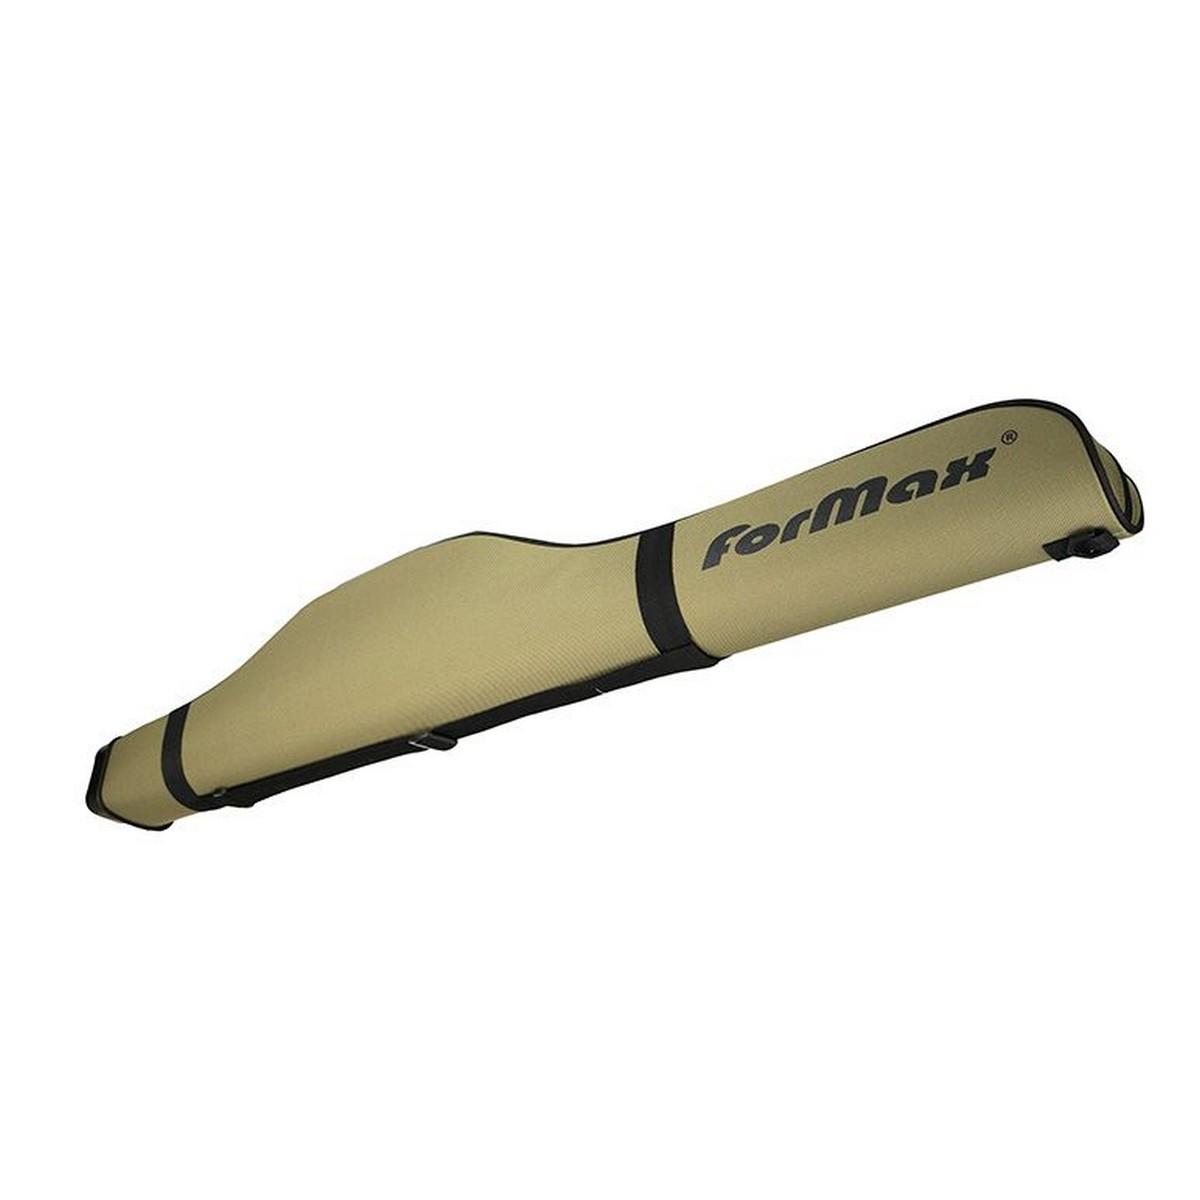 Единичен твърд калъф за пръчка с макара ForMax FX5209